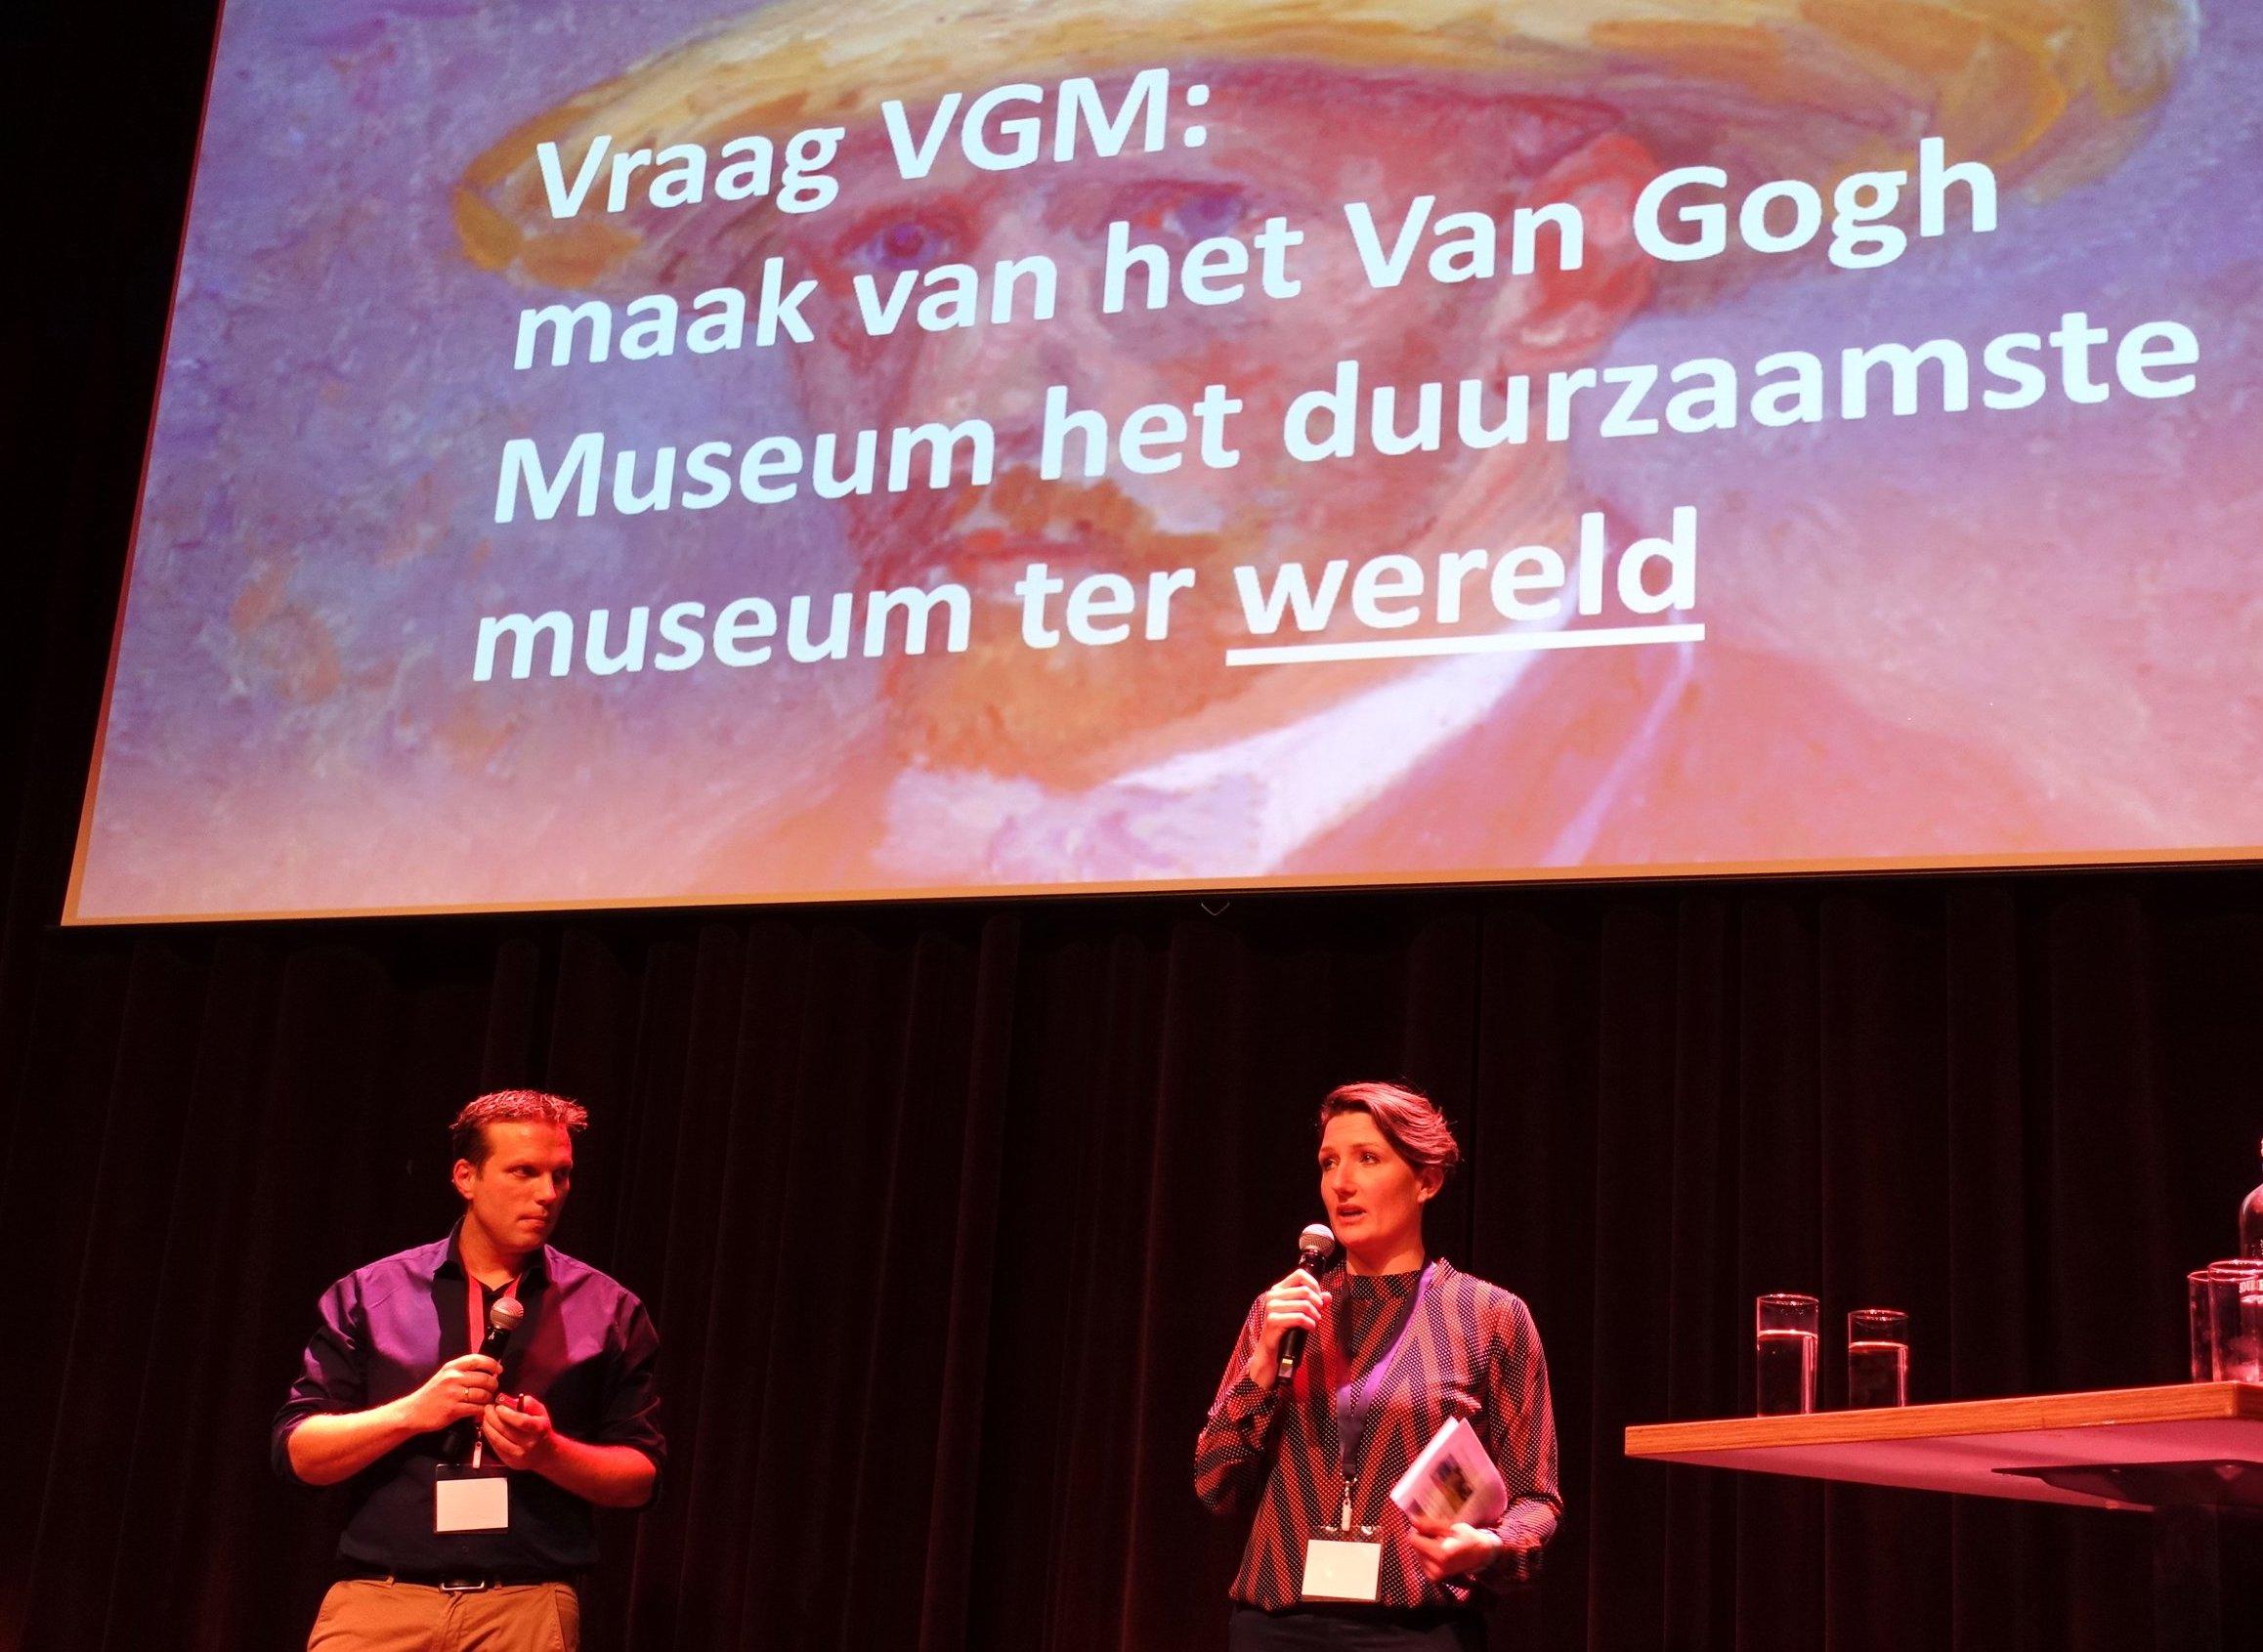 Breedweer Van Gogh Museum Amsterdam